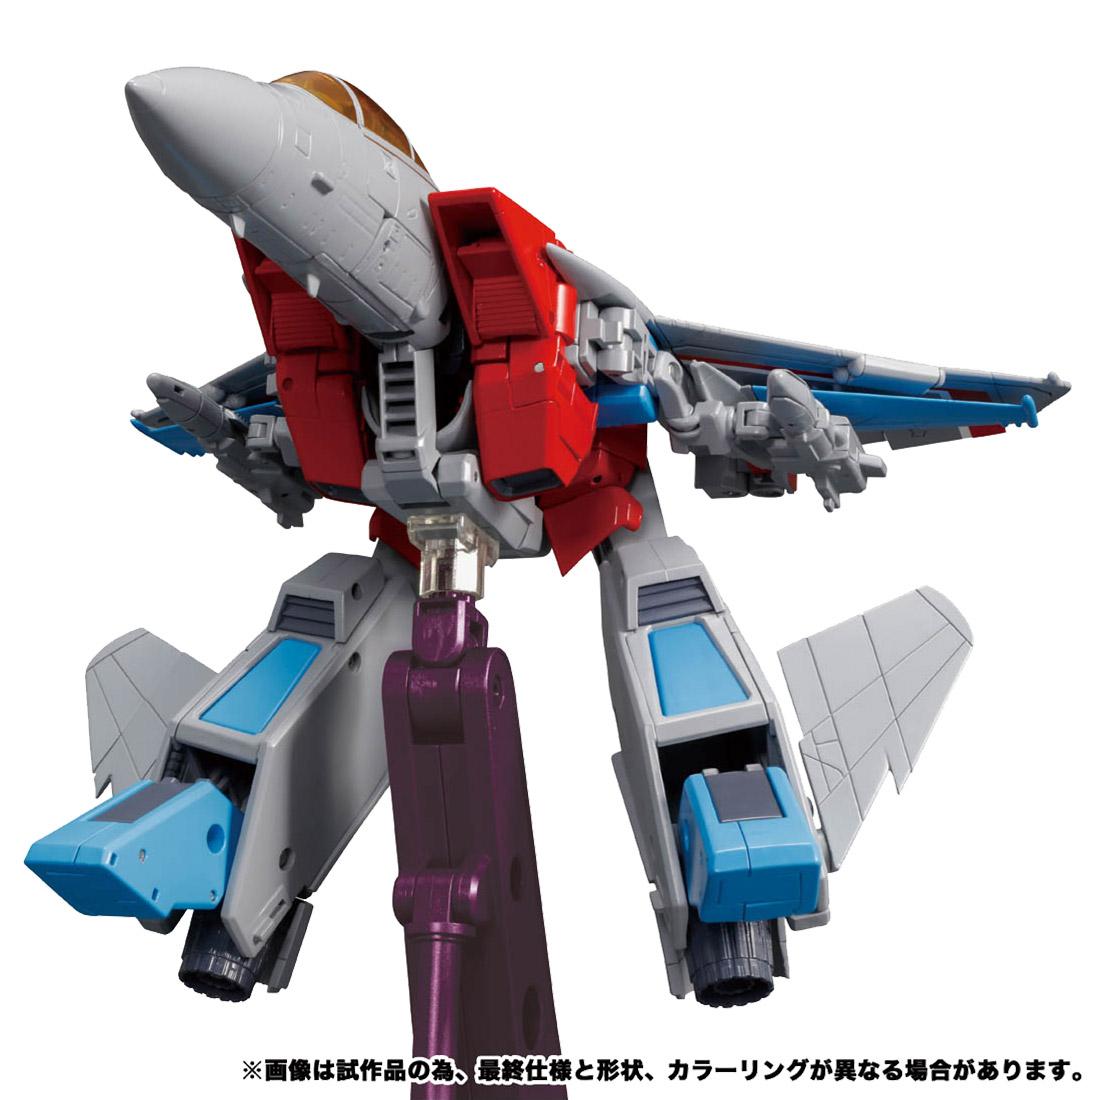 マスターピース『MP-52 スタースクリームVer.2.0』トランスフォーマー 可変可動フィギュア-006